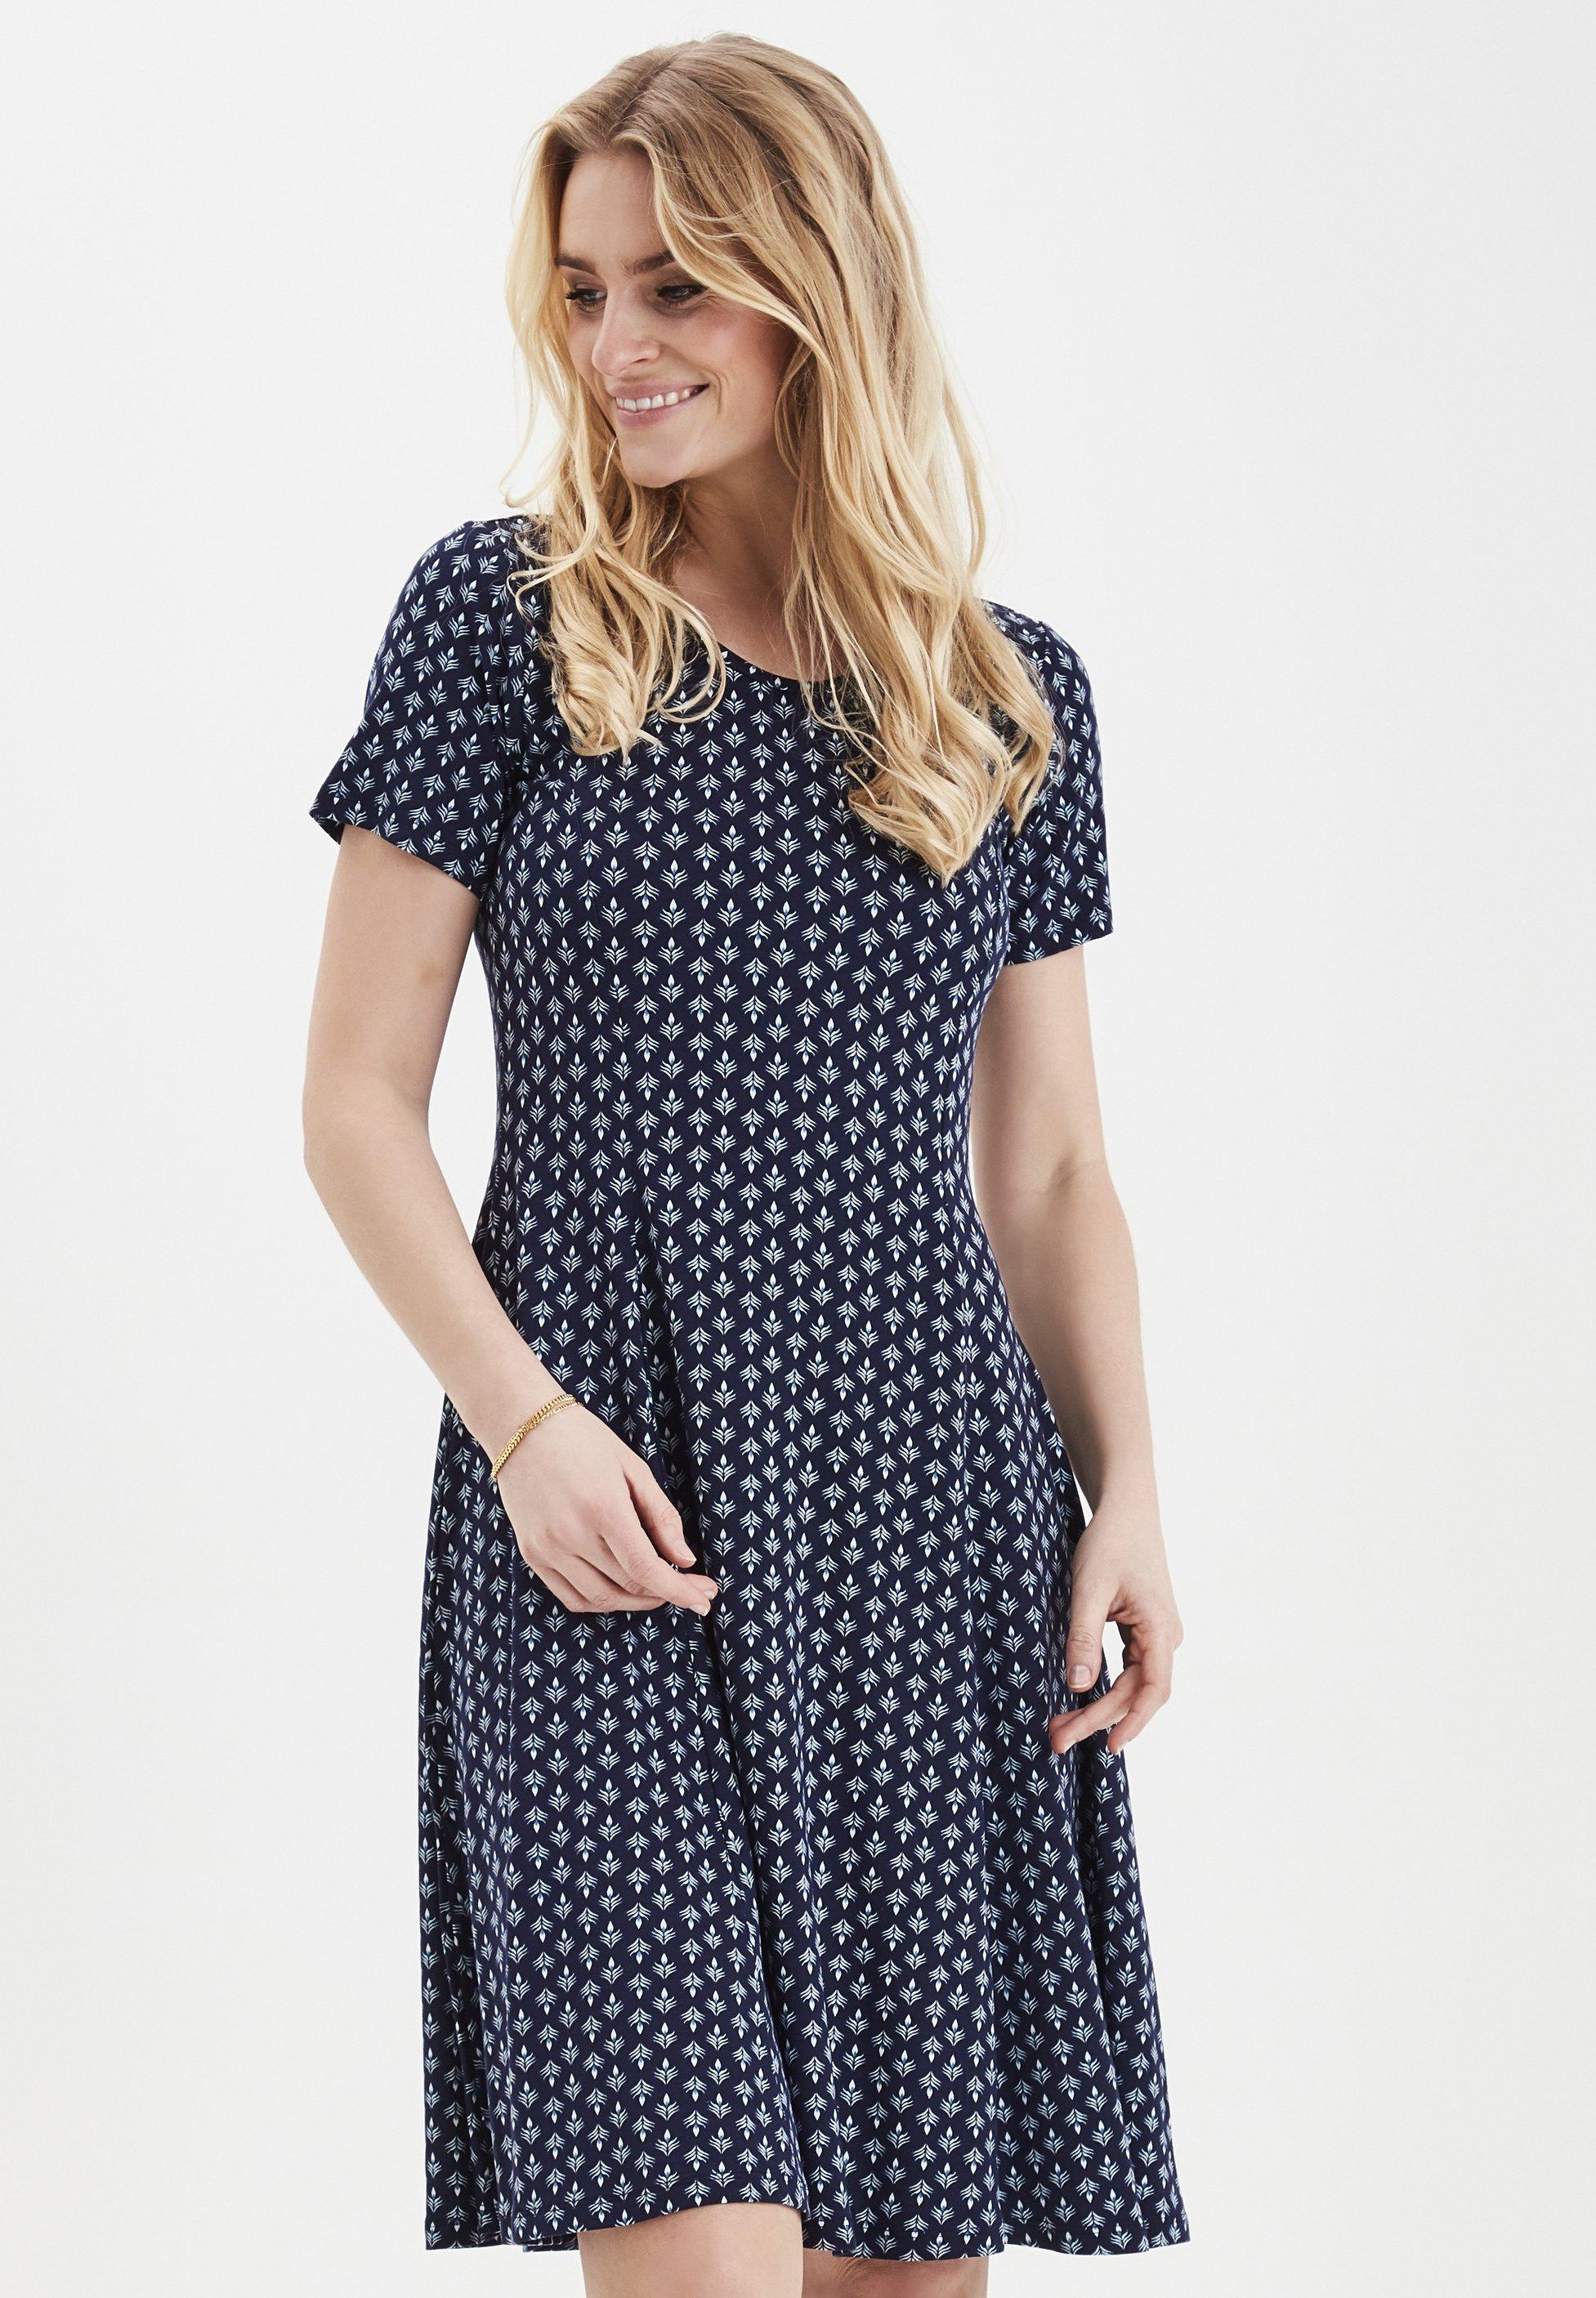 blue FREMDOTTON 2 DRESS  Fransa  Hverdagskjoler